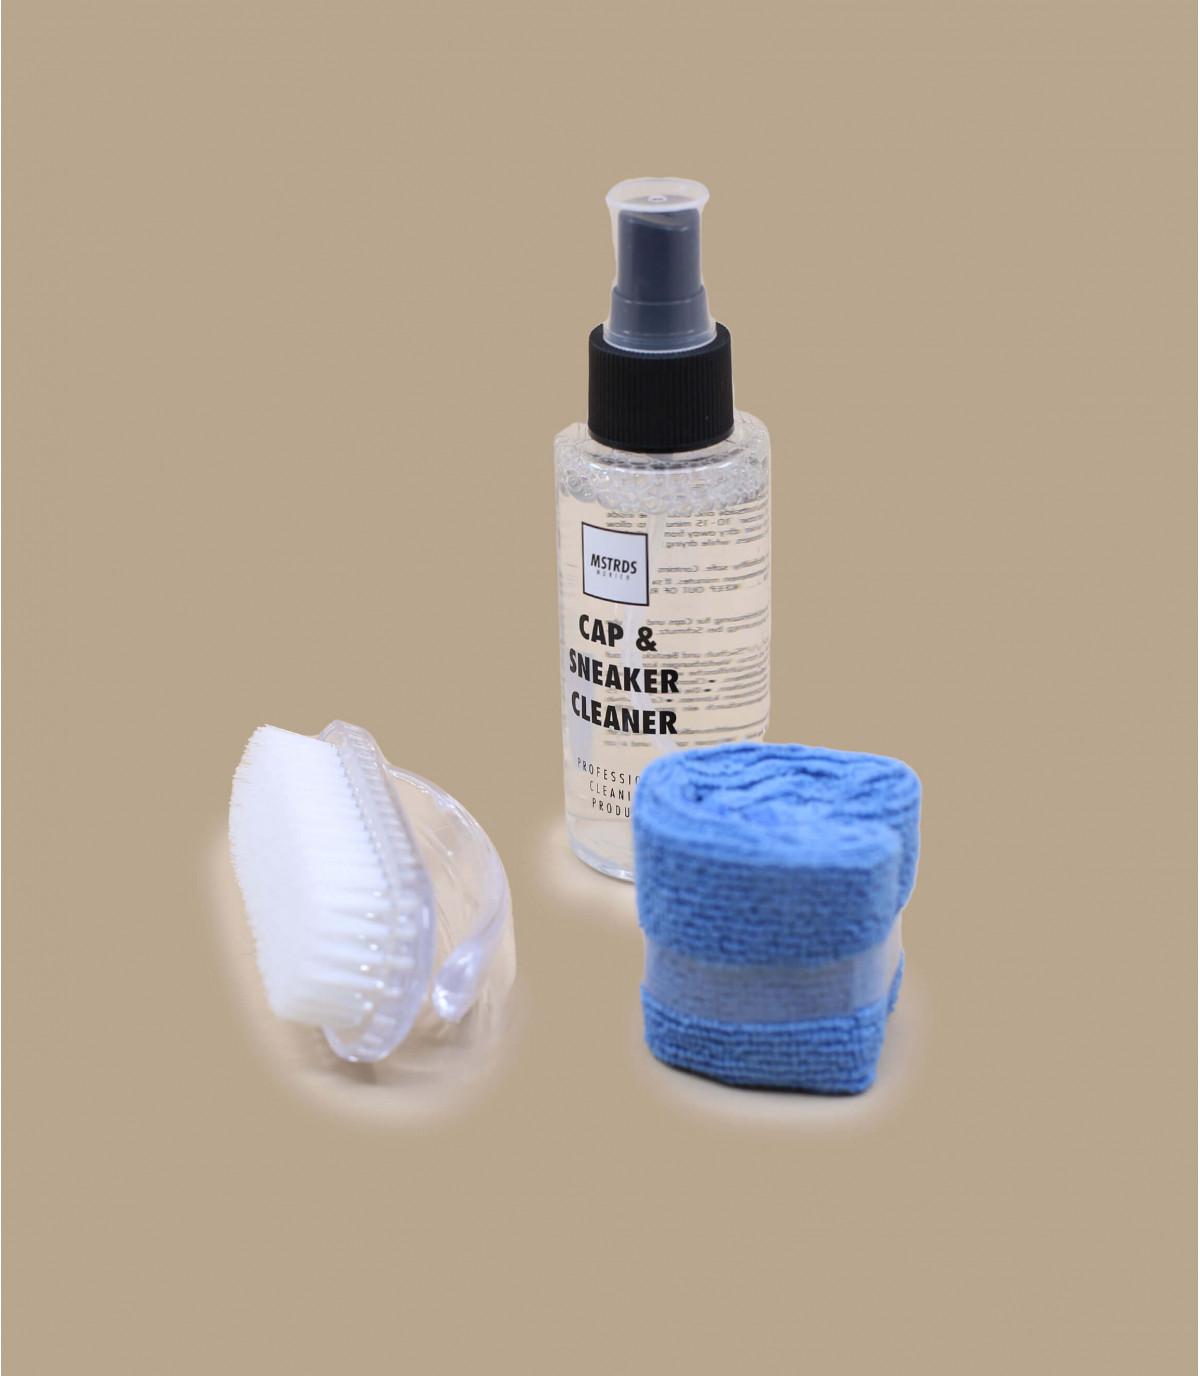 Détails Kit de nettoyage Casquettes - image 2